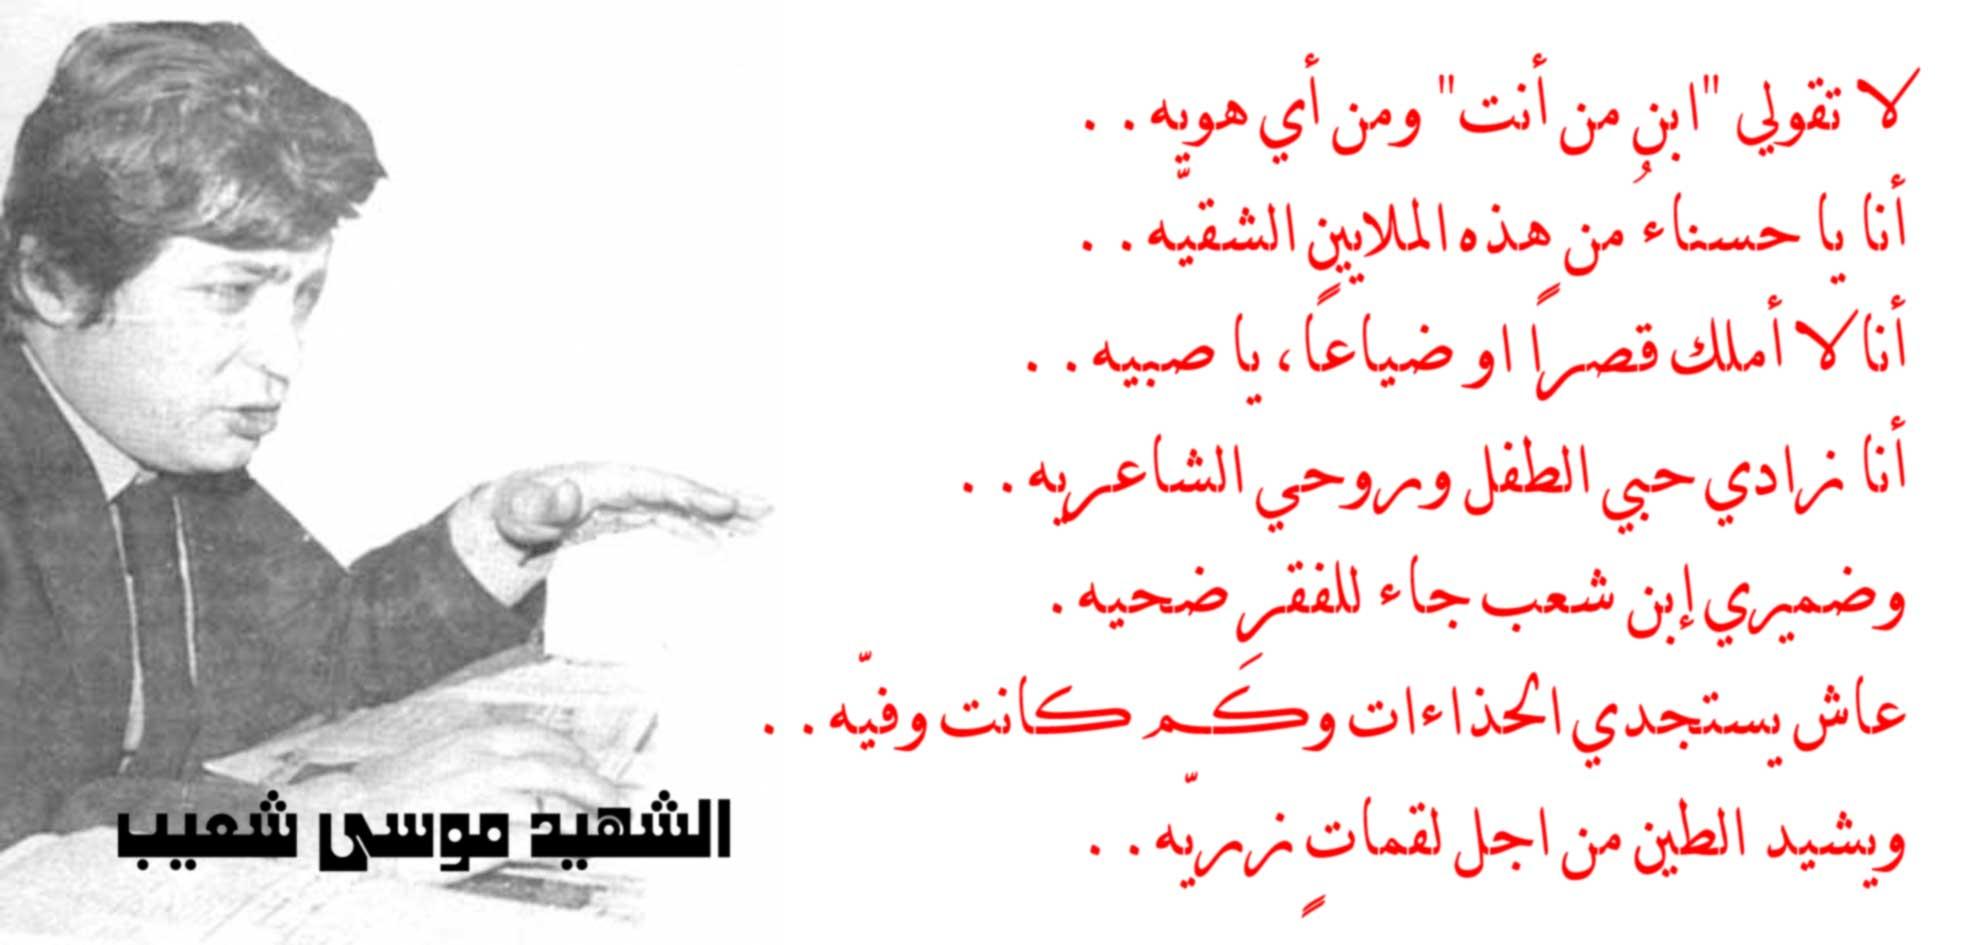 بالصور قصايد غزل , اجمل قصائد التغزل 3515 1